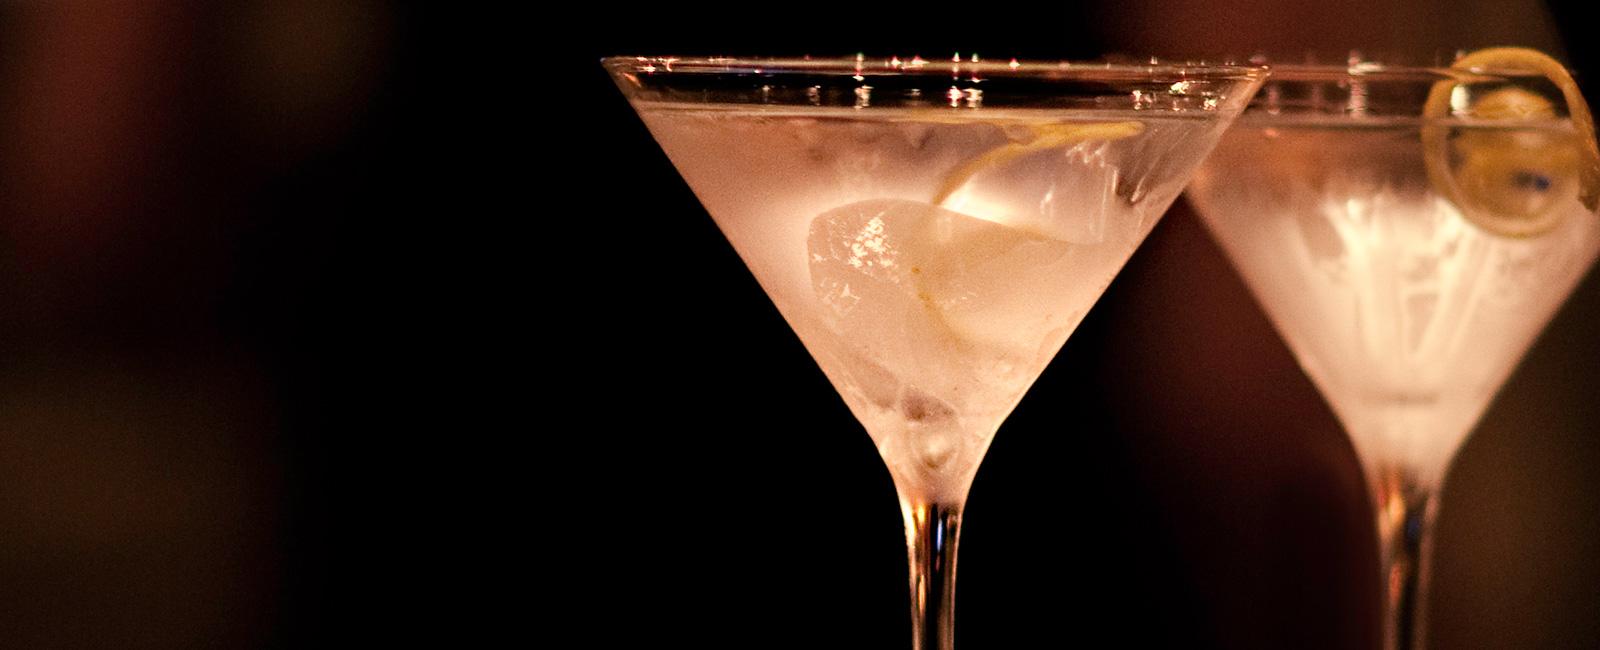 Two lemon martinis